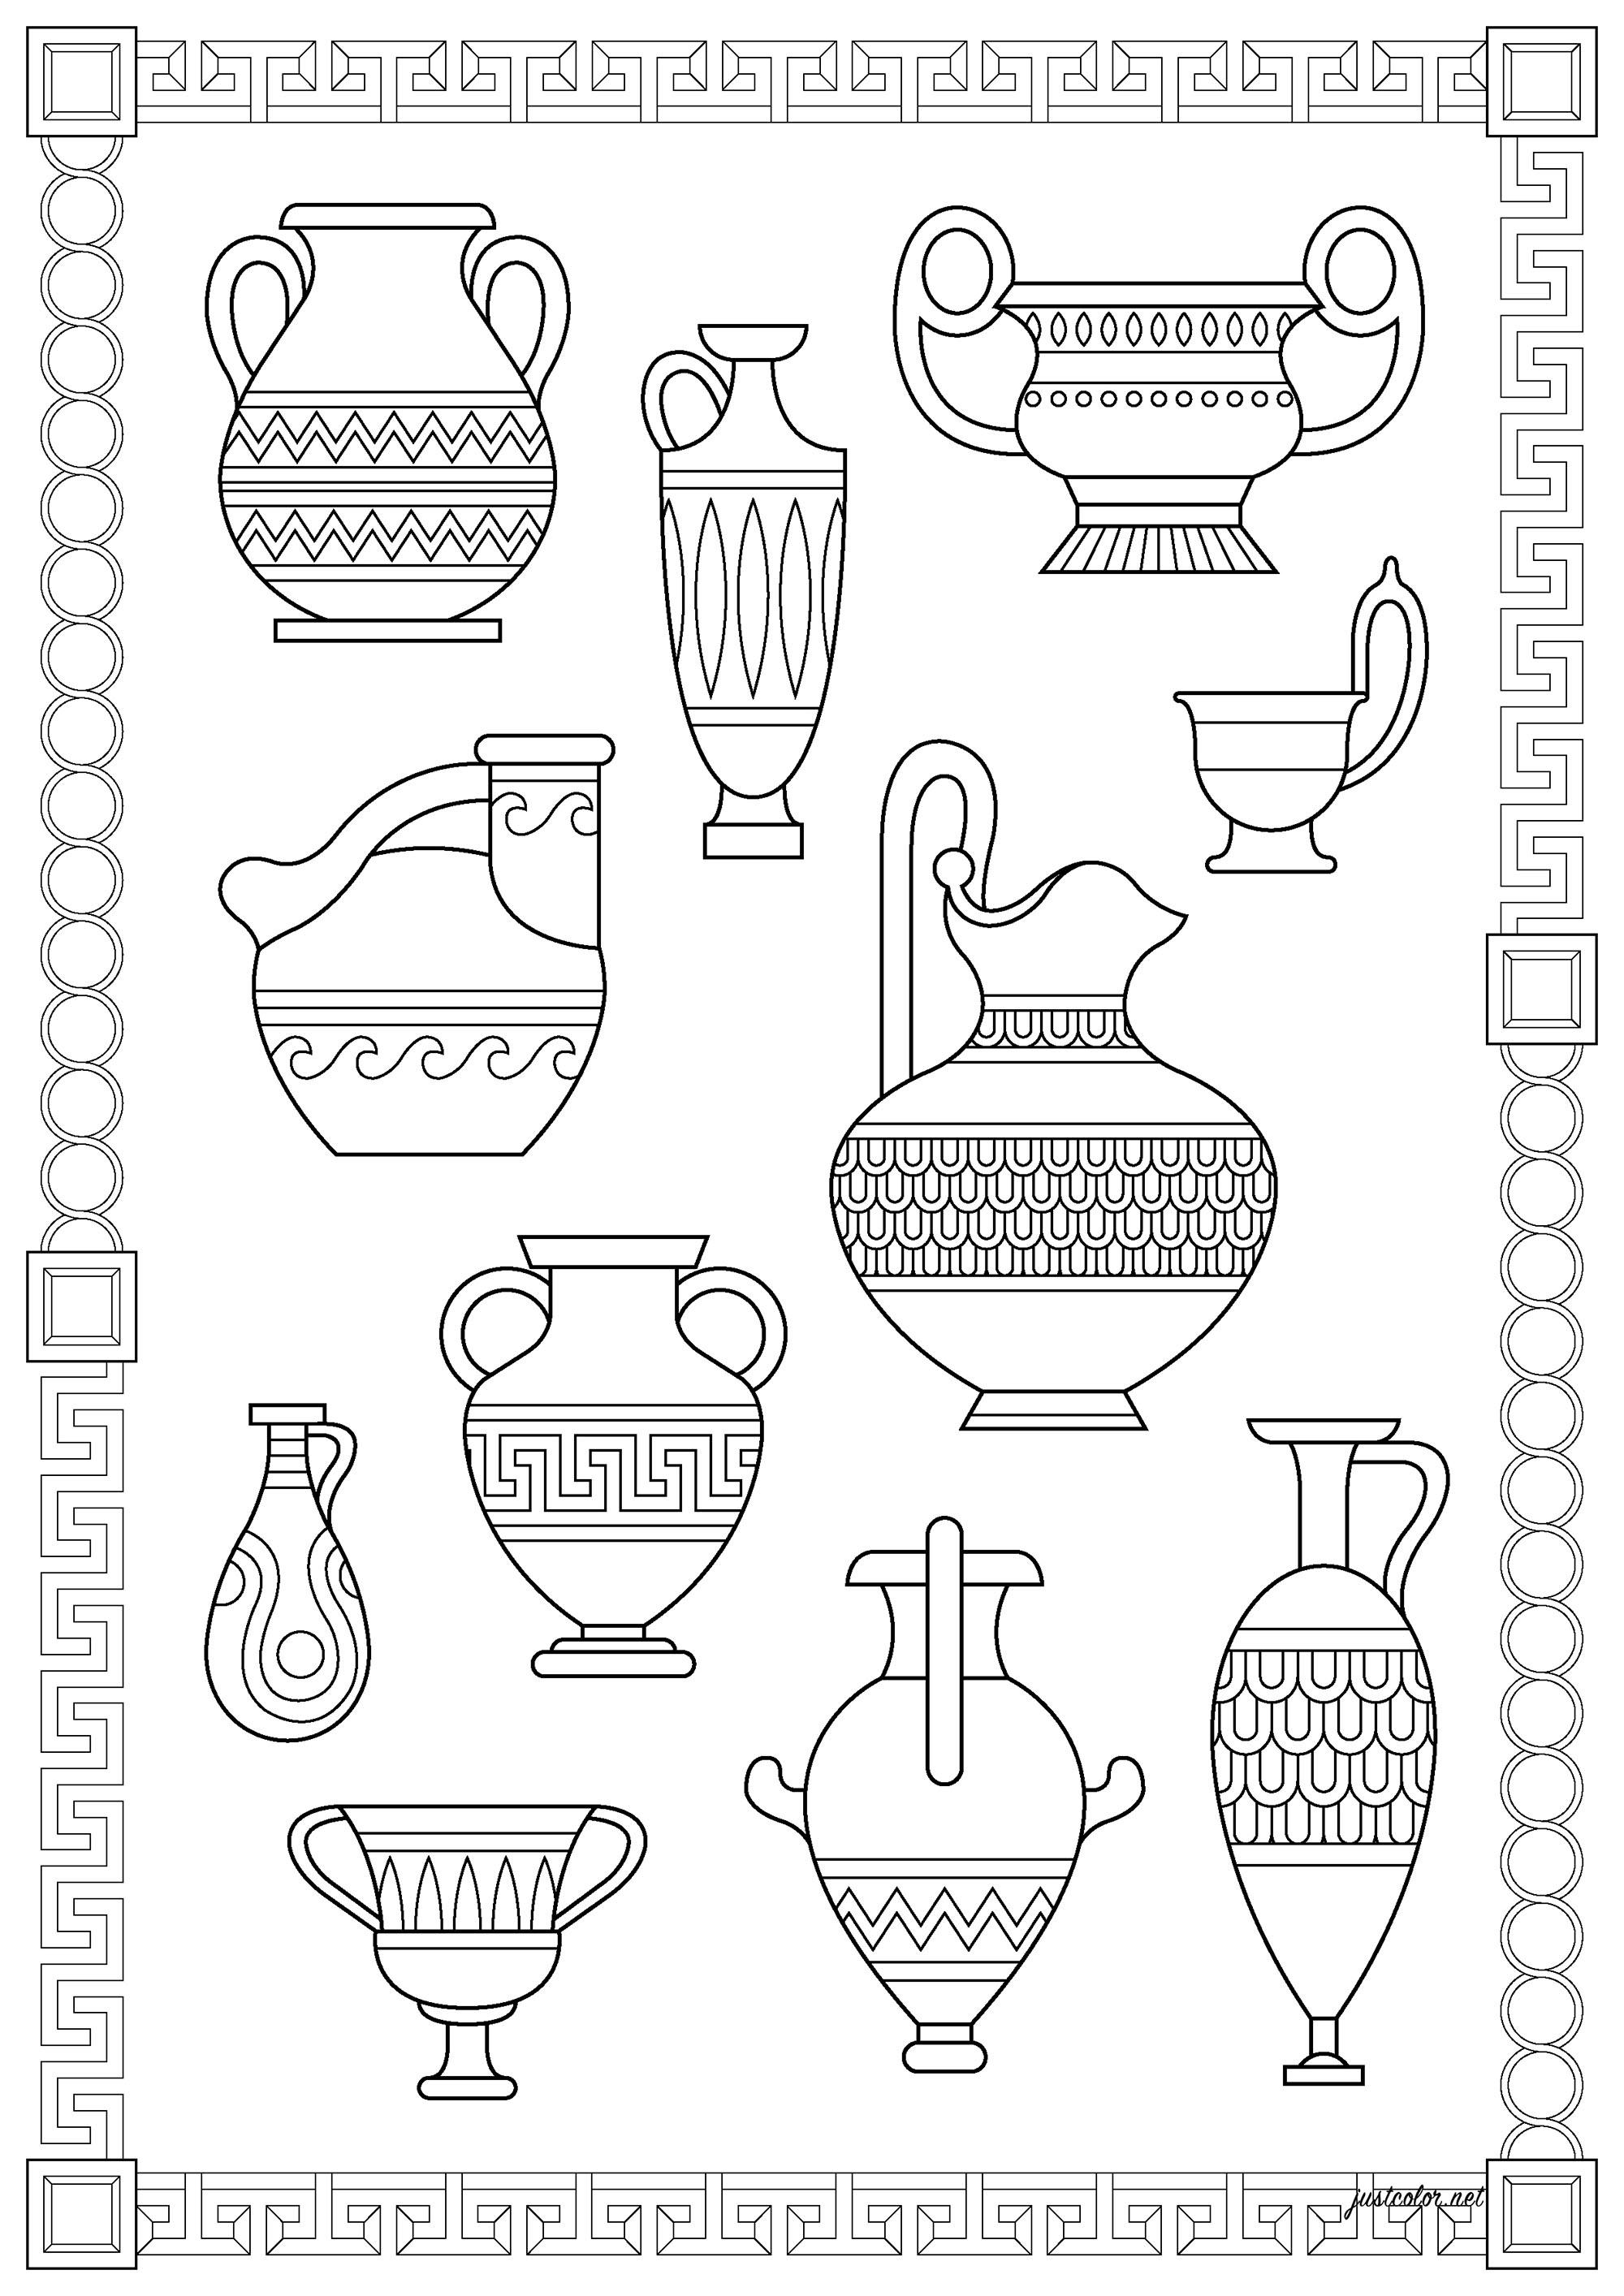 Petit inventaire de différents vases grecs, inspirés de réels poteries de la Grèce Antique